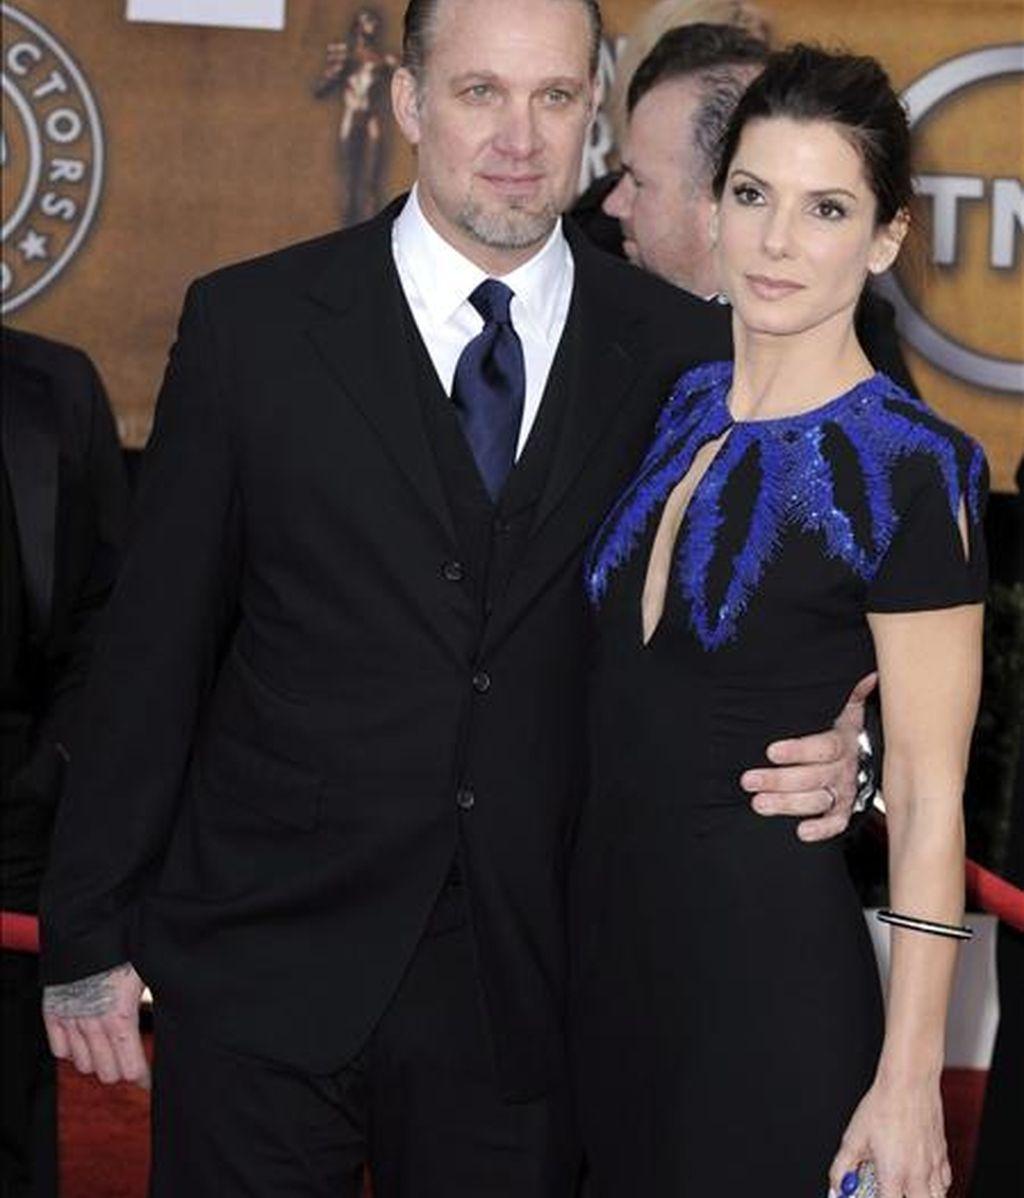 La actriz estadounidense Sandra Bullock y su esposo Jesse James llegan el pasado 23 de enero de 2010, a la 16 entrega de los premios Screen Actors Guild (SAG), en el Auditorio Shrine de Los Ángeles, California (EE.UU.). EFE/Archivo